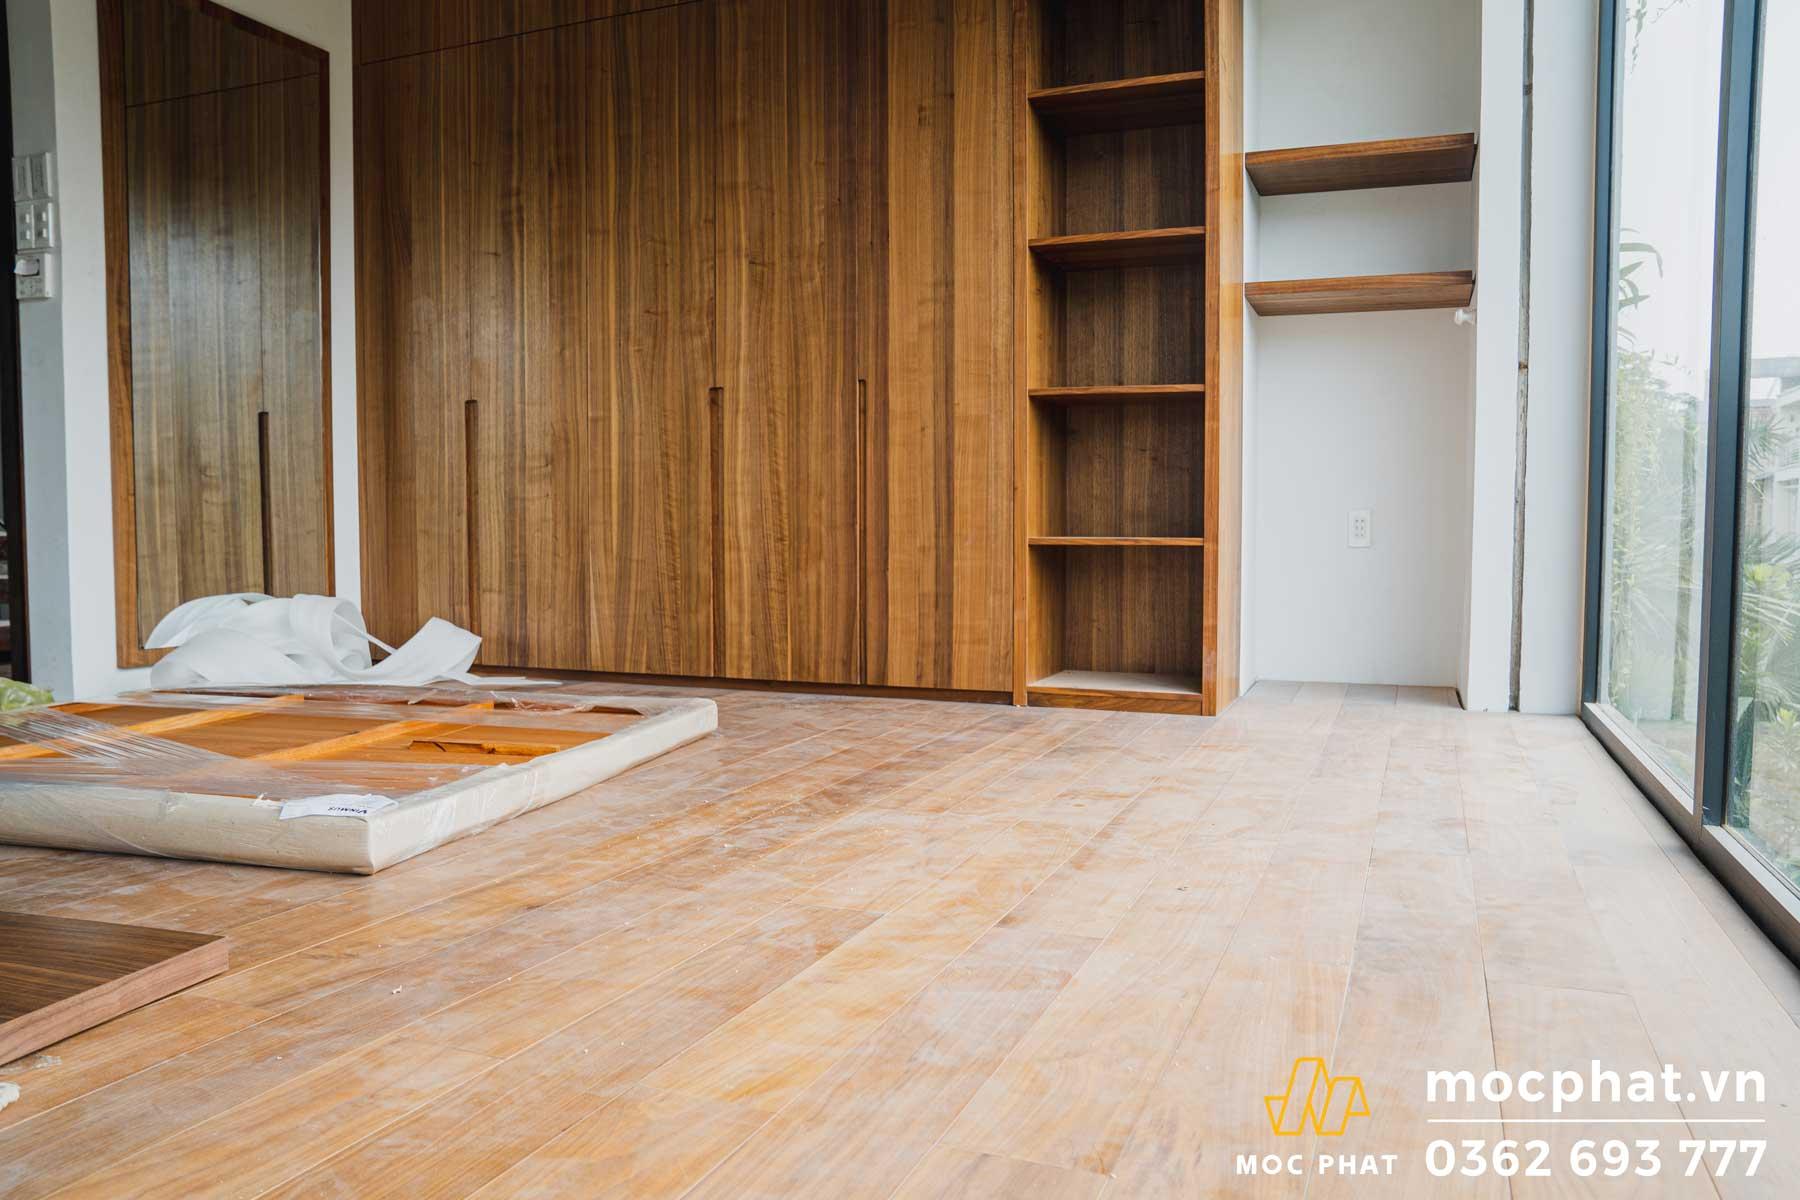 Hình ảnh hoàn thành công trình thi công sàn gỗ trong nhà